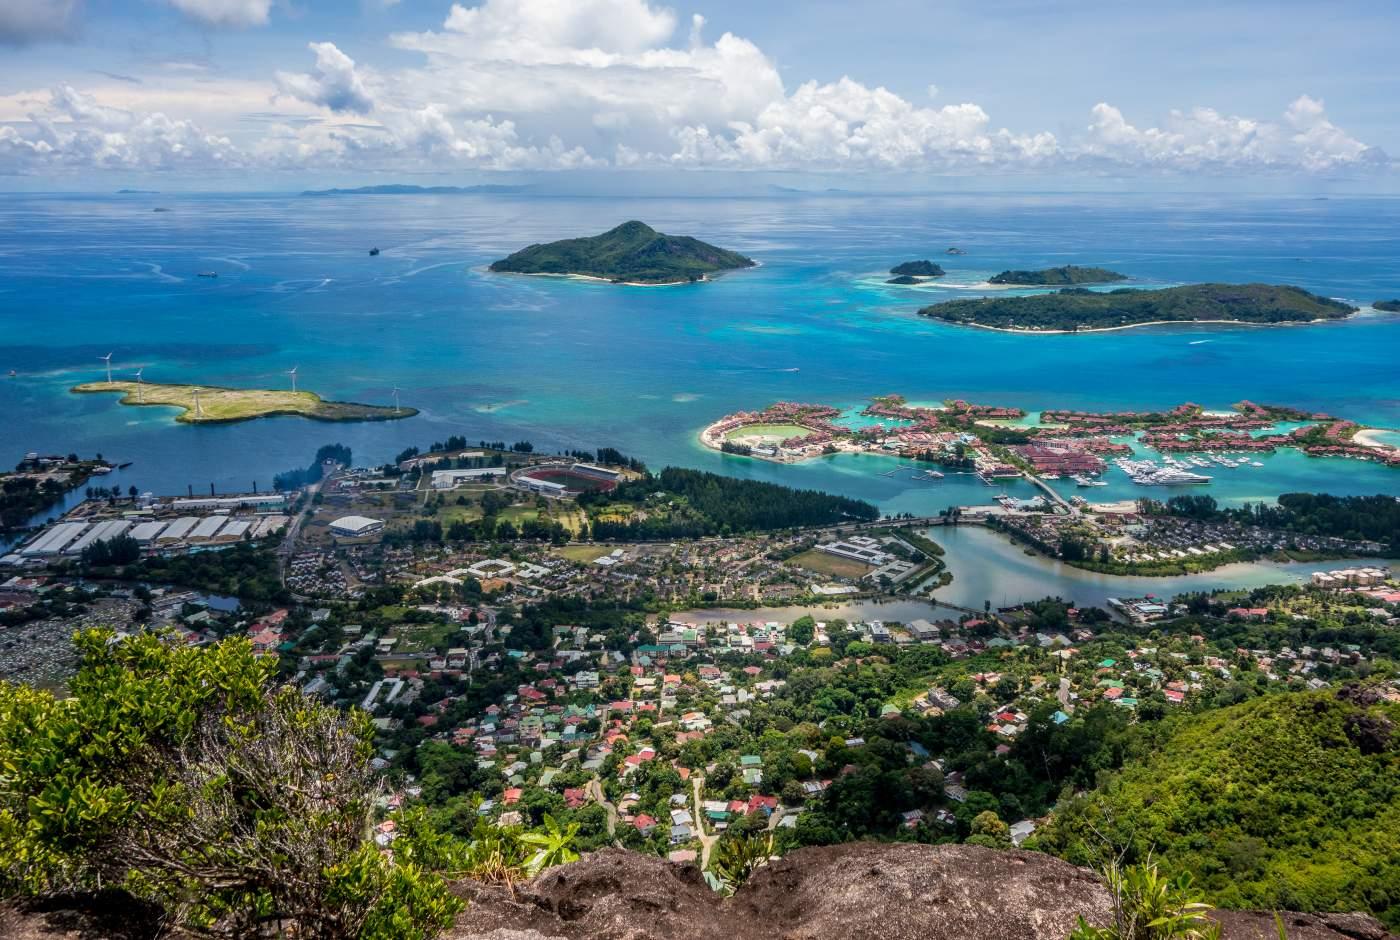 Vista geral das ilhas Seychelles